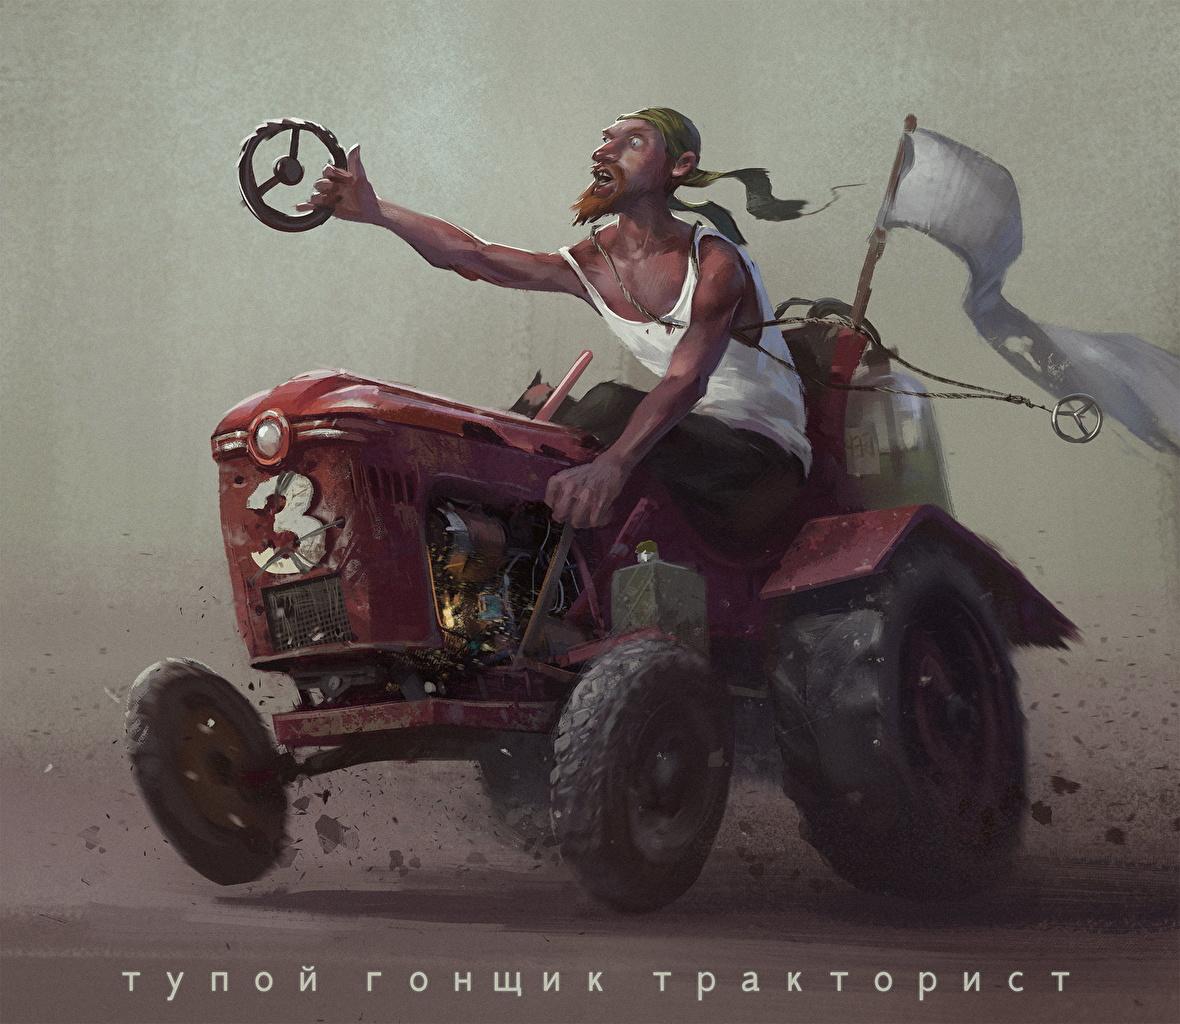 Картинка Юмор Трактор Мужчины Смешные